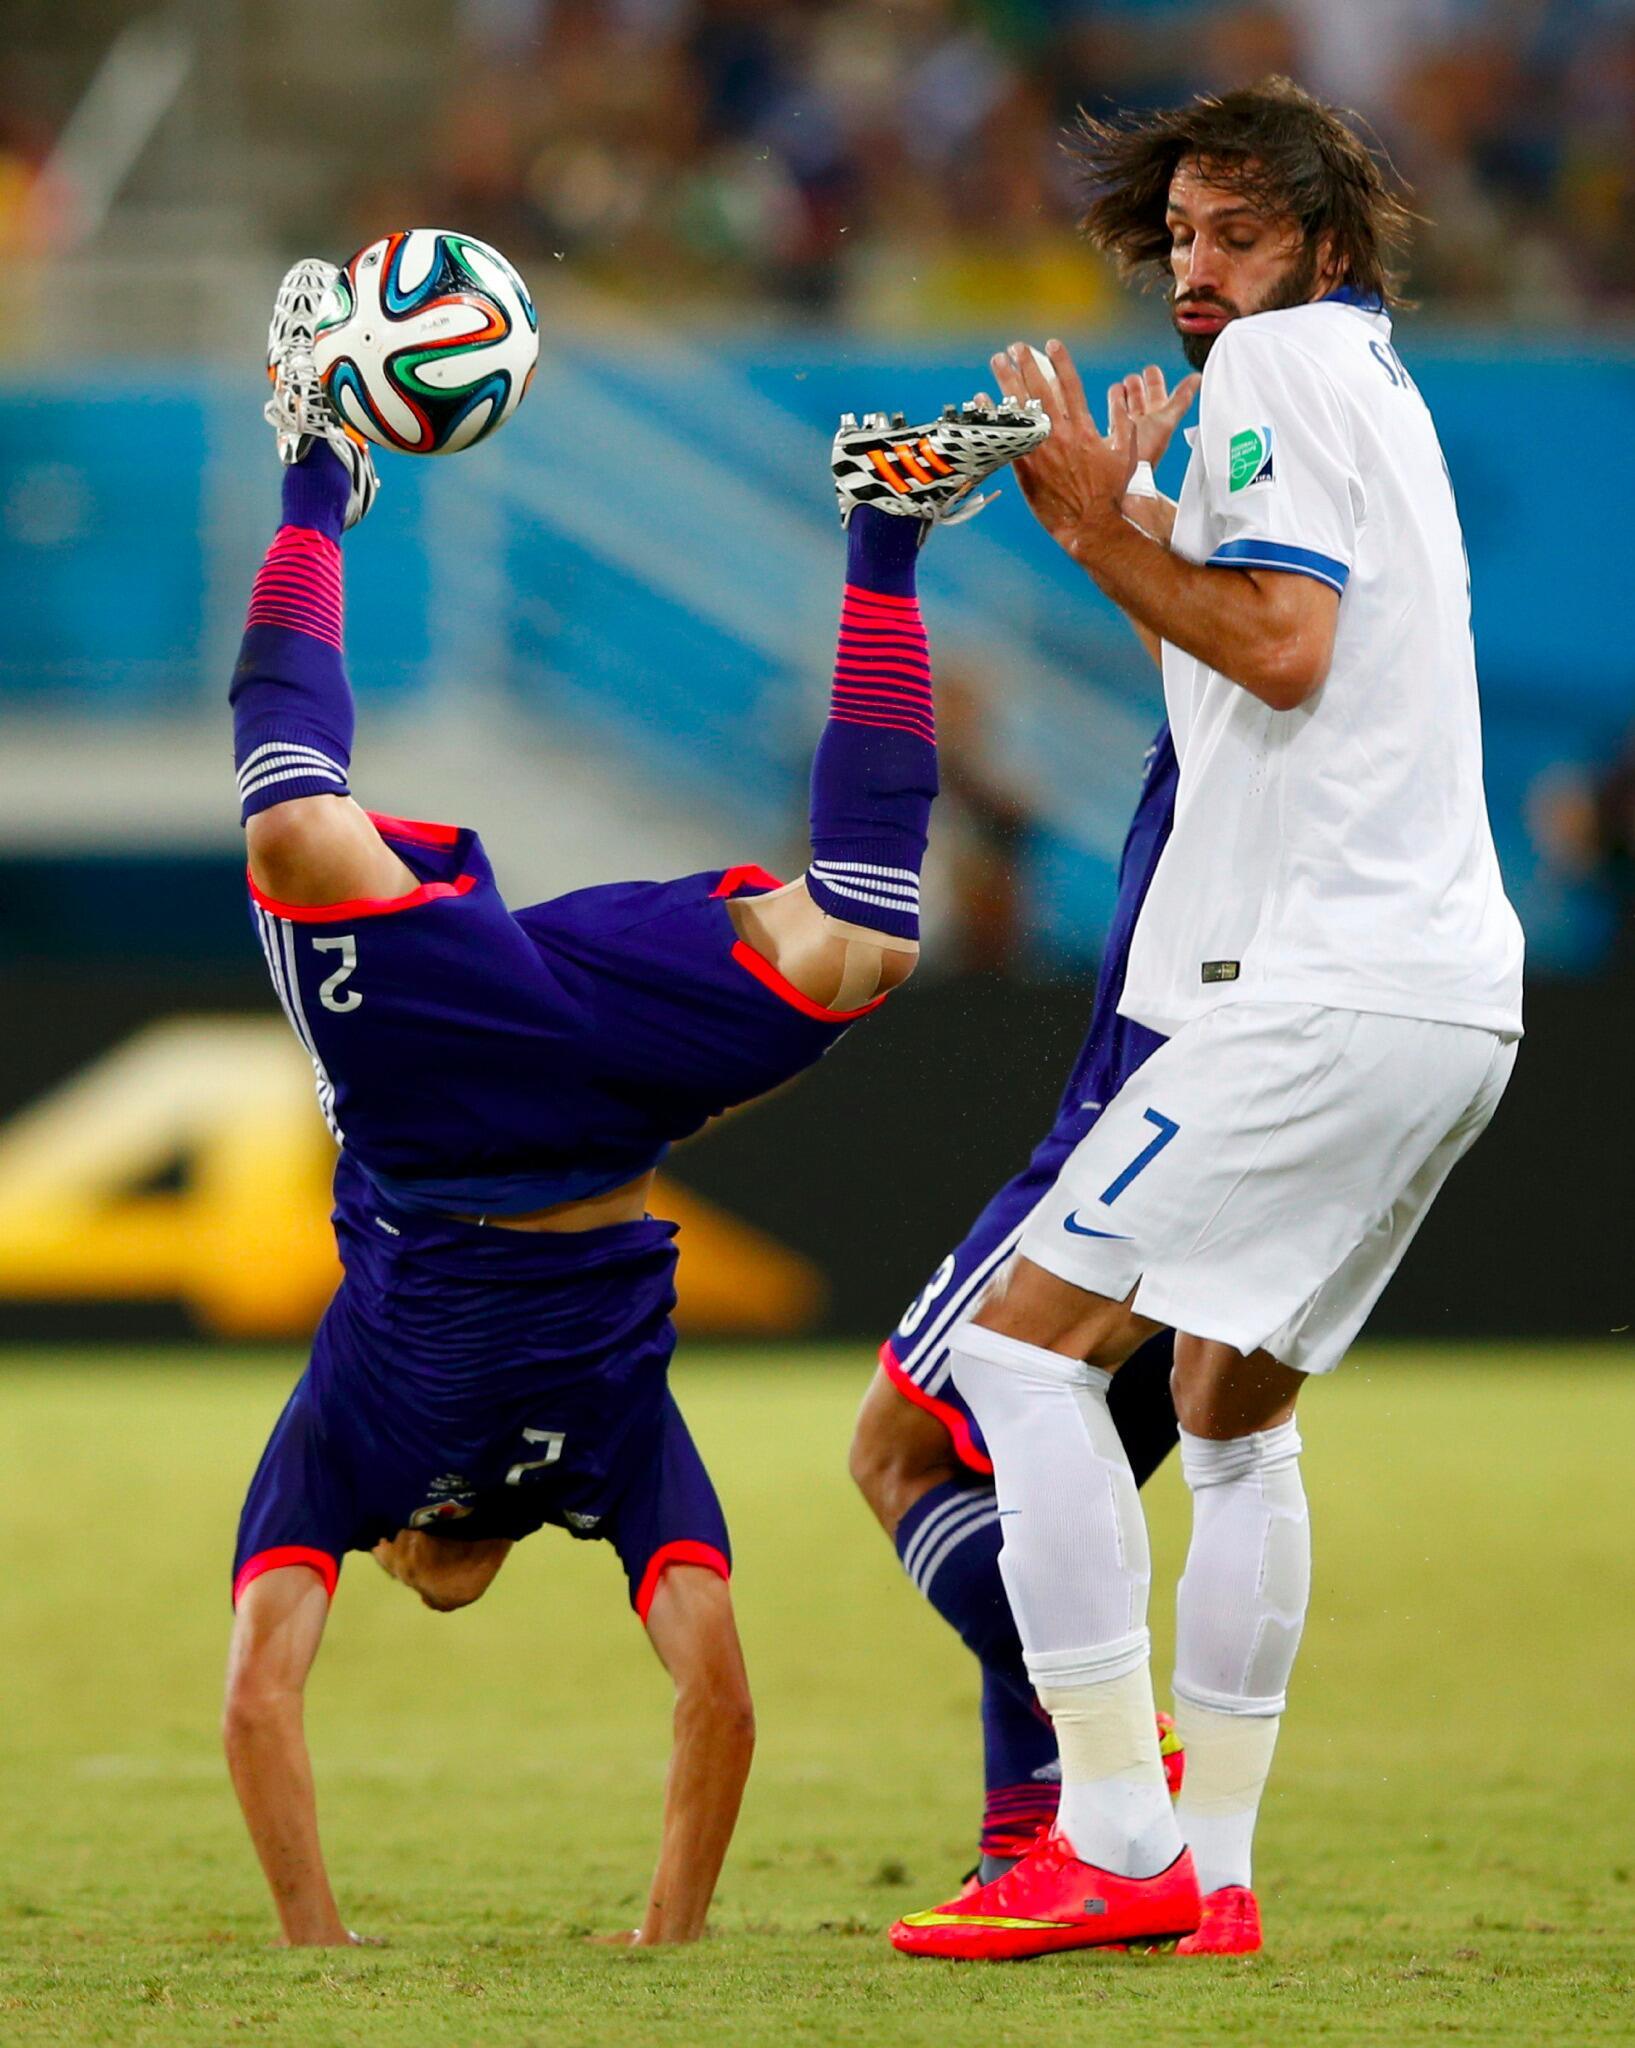 Картинки прикольные с футболом